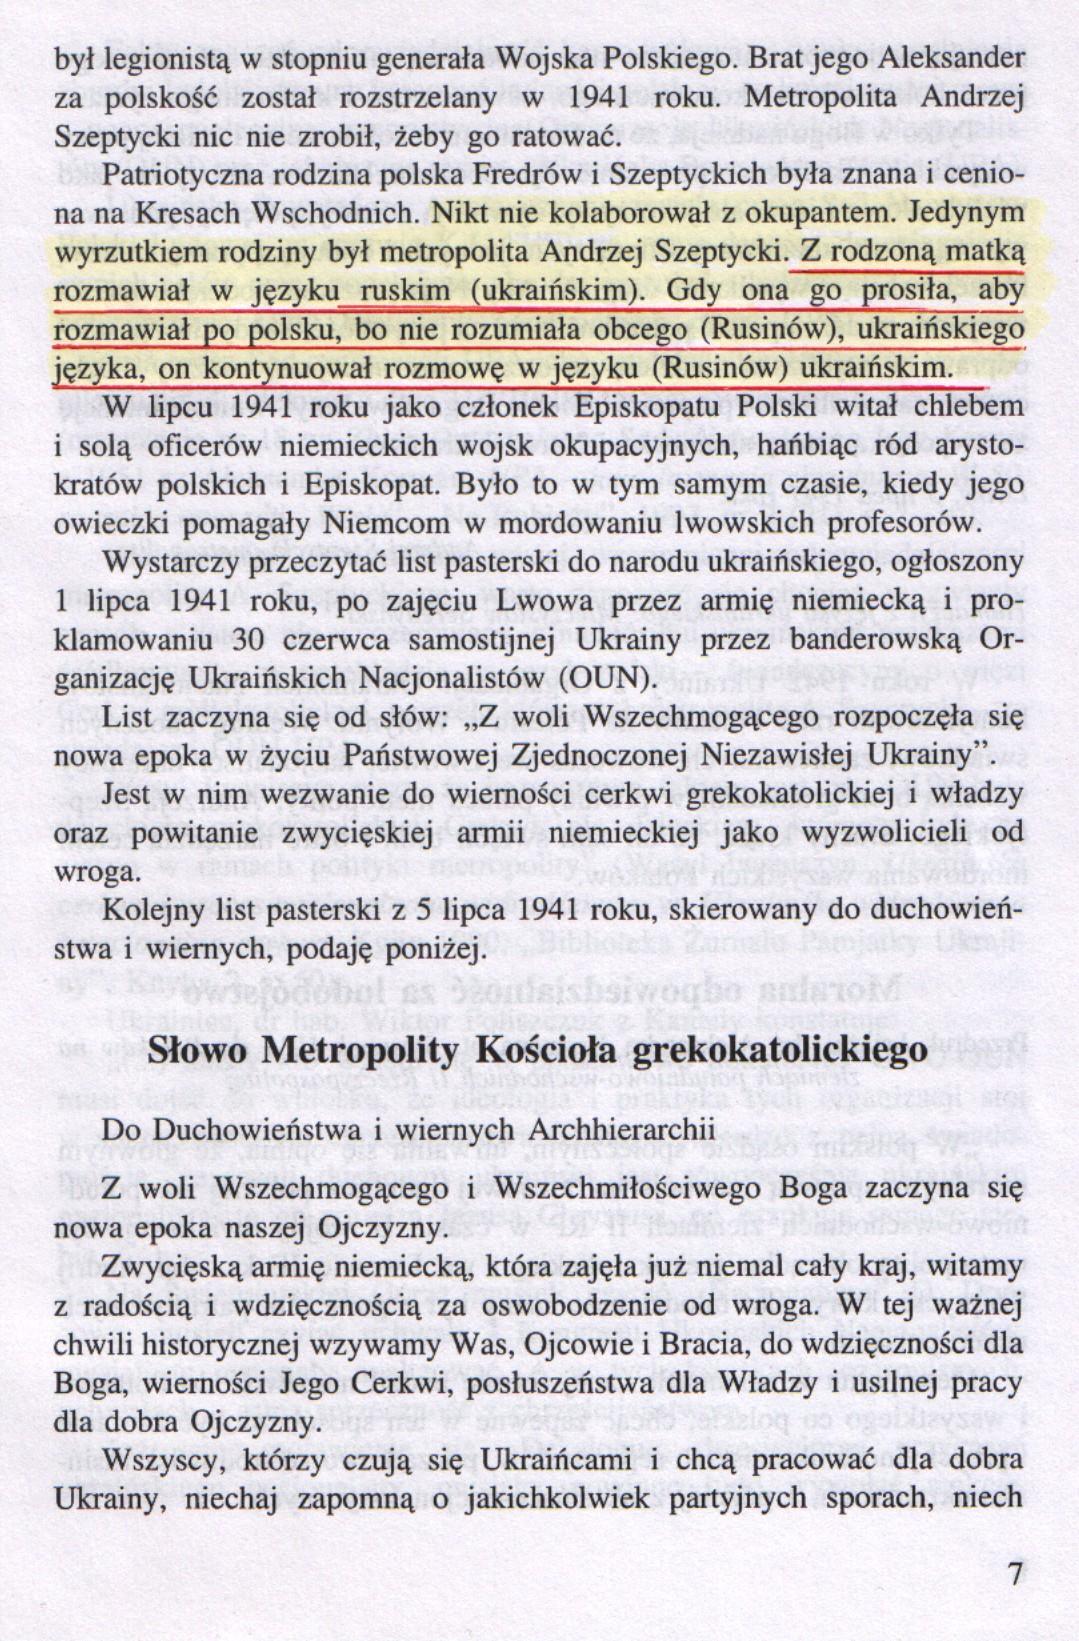 mlotkowski_04